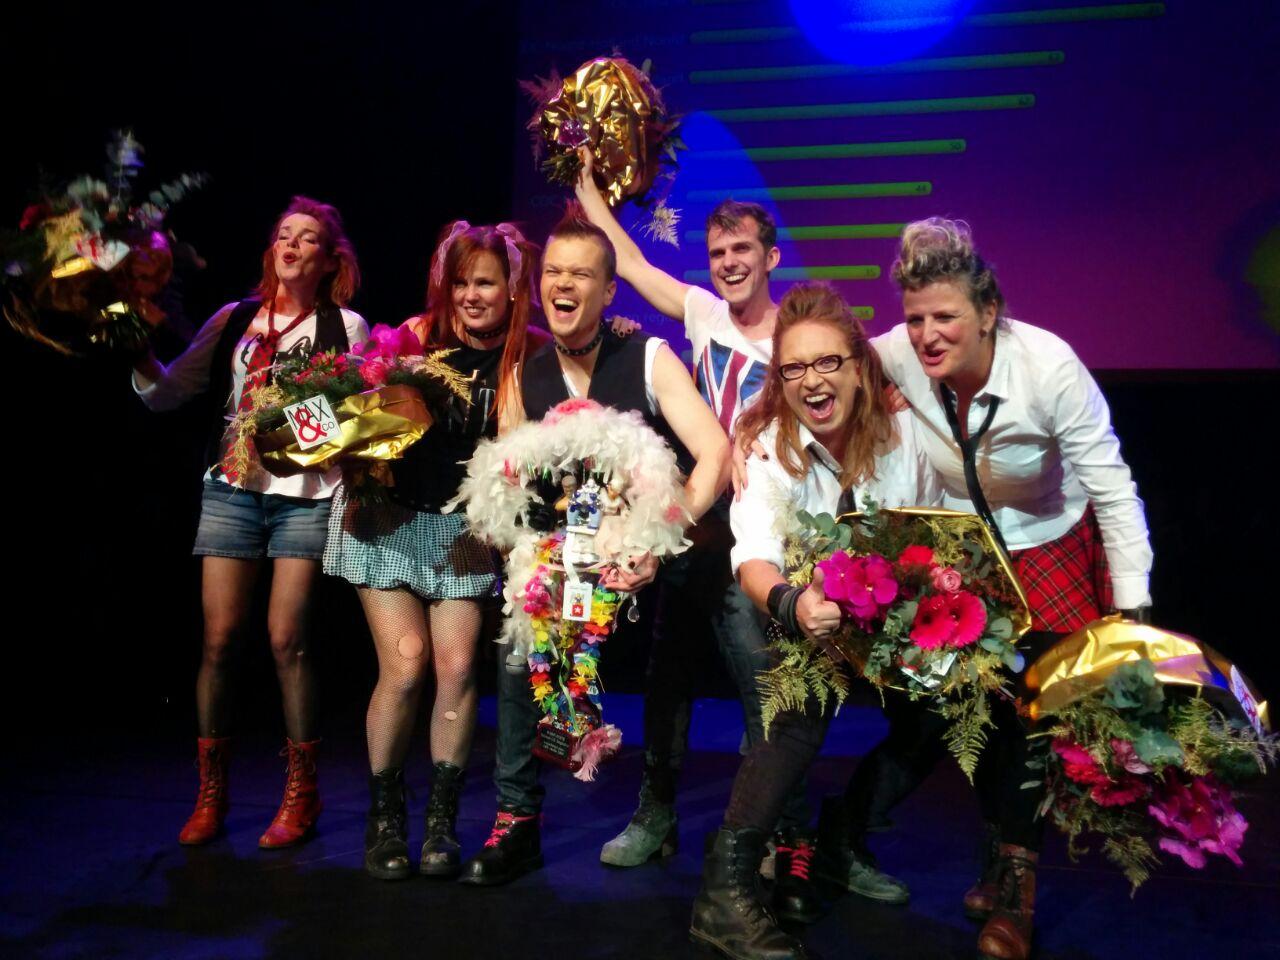 Pink Rebels: Jos de Ridder, Mariena Steensma, Monique in het Veld, Marc Damen, Karin Arentse, Debby Marijnissen